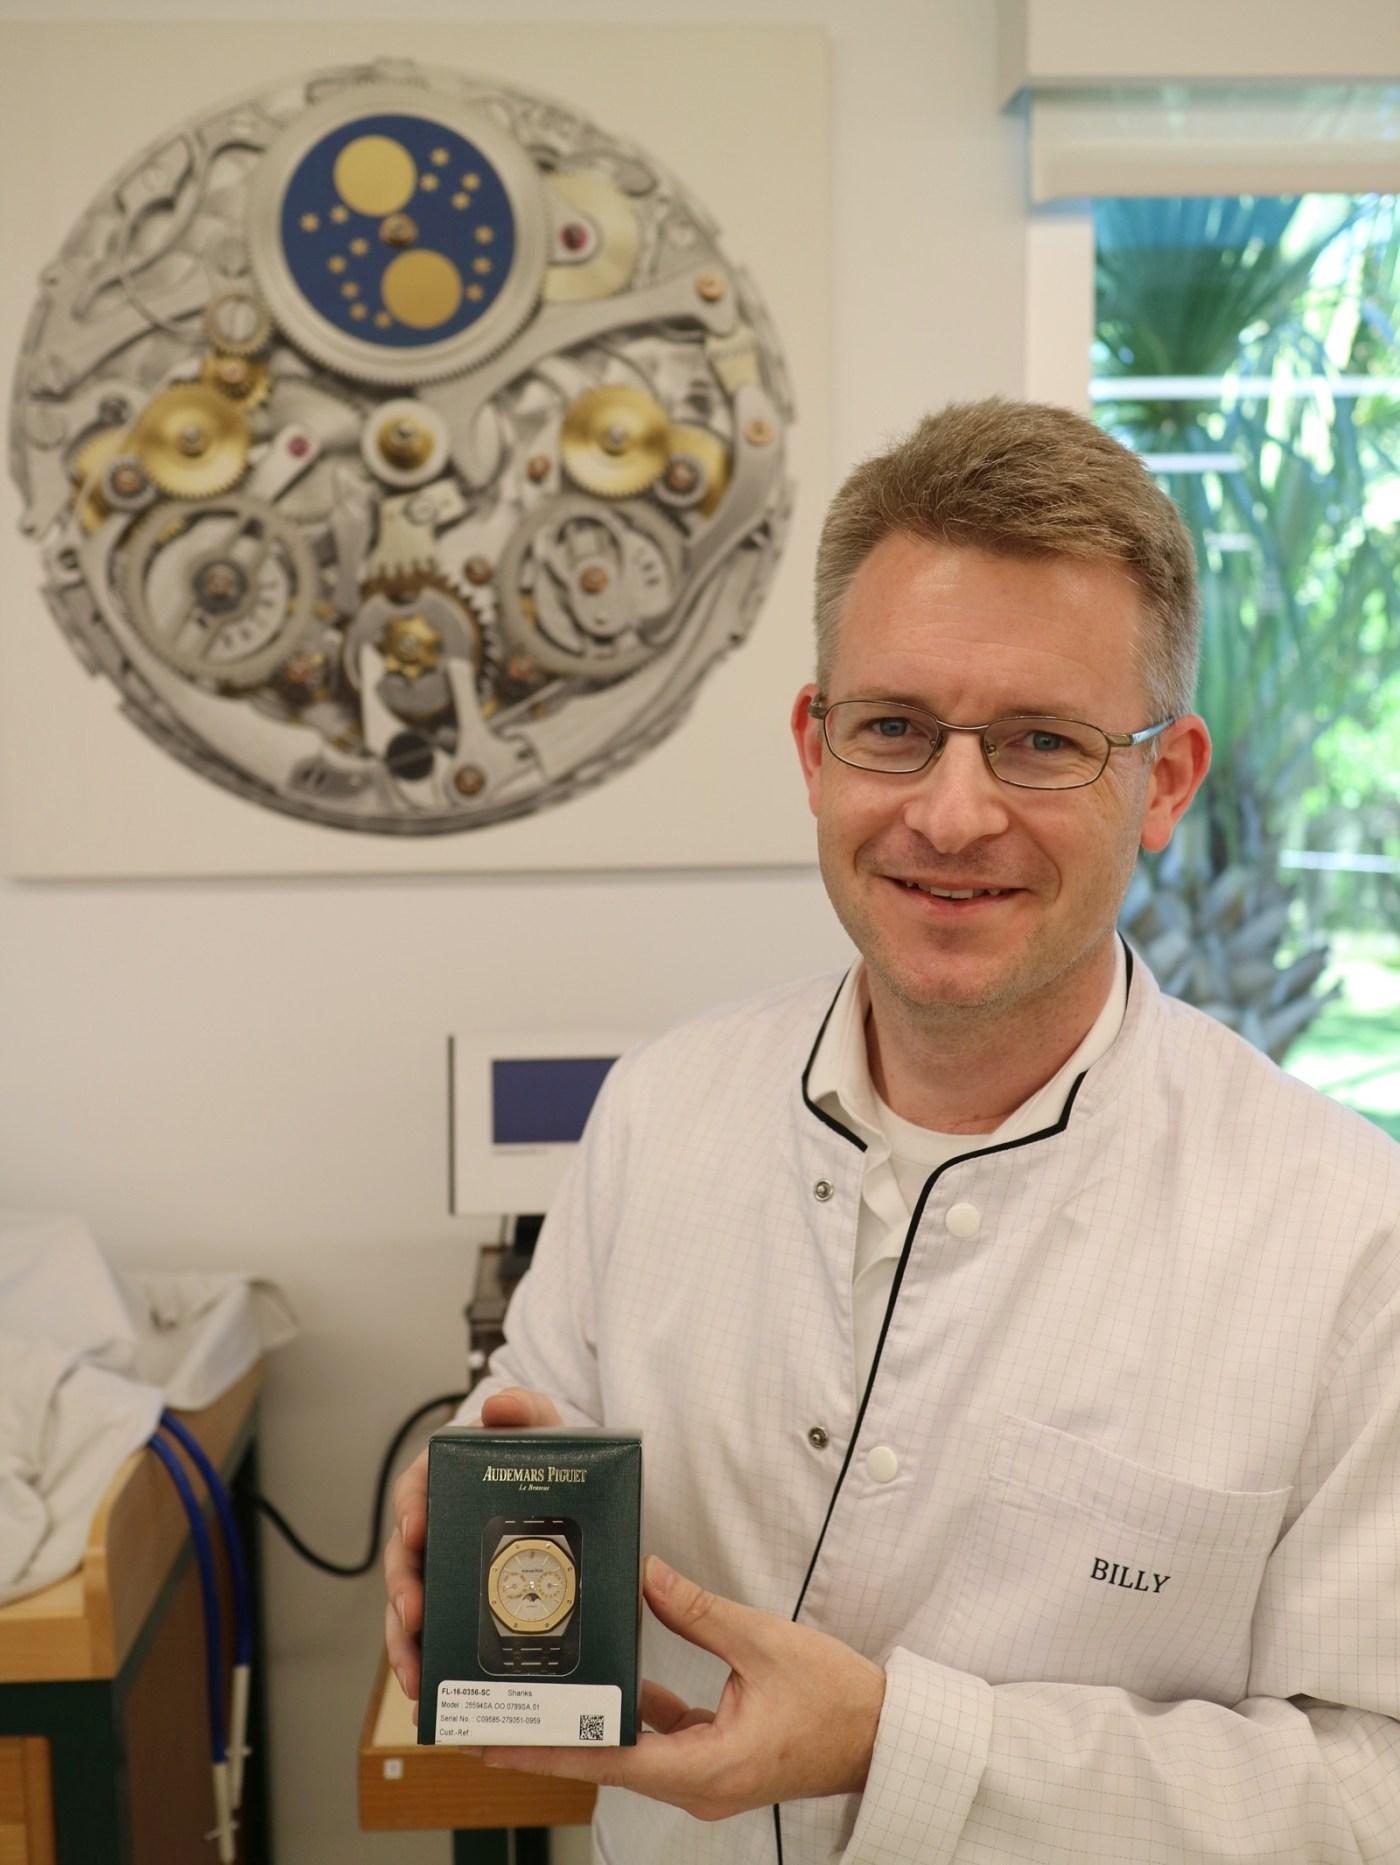 Watchmaker Billy Janshon at Audemars Piguet US Service Center